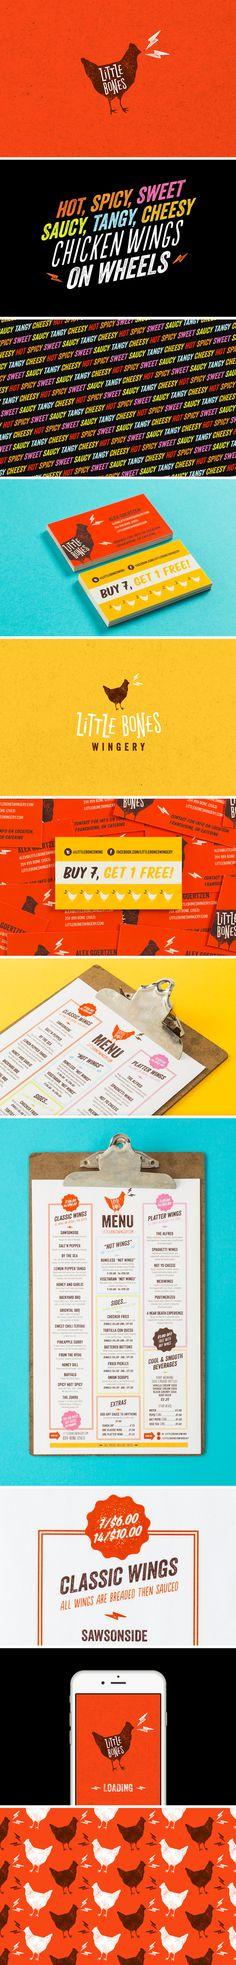 Little Bones Wings Brand Identity - One Plus One Design #Brand #Identity #BrandIdentity #Branding